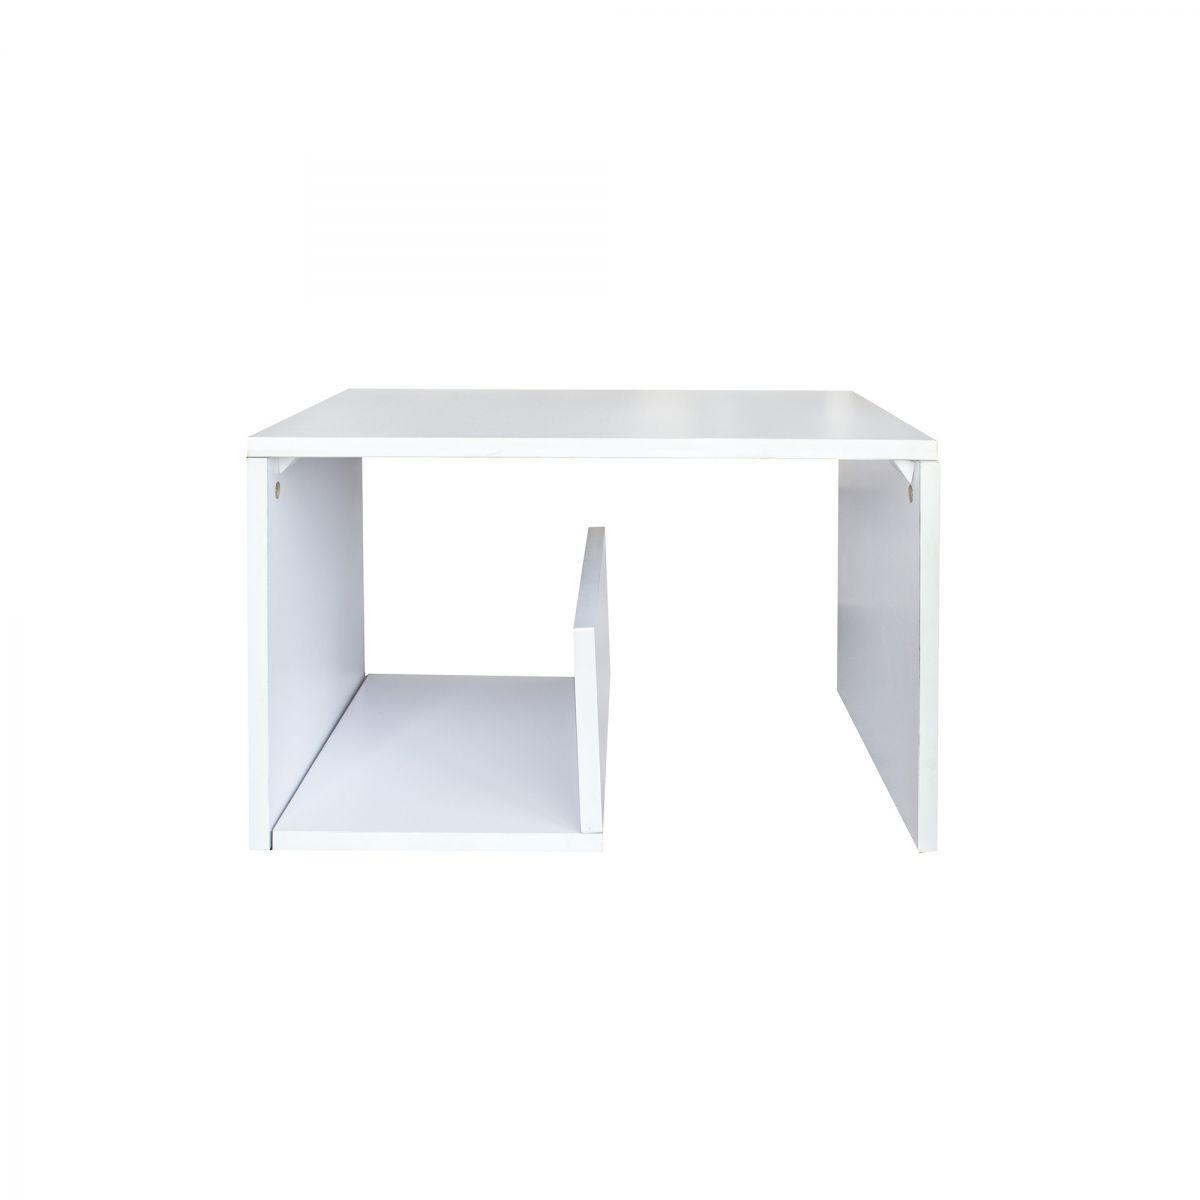 Tavolino bianco basso da salotto soggiorno stile moderno for Soggiorno stile moderno